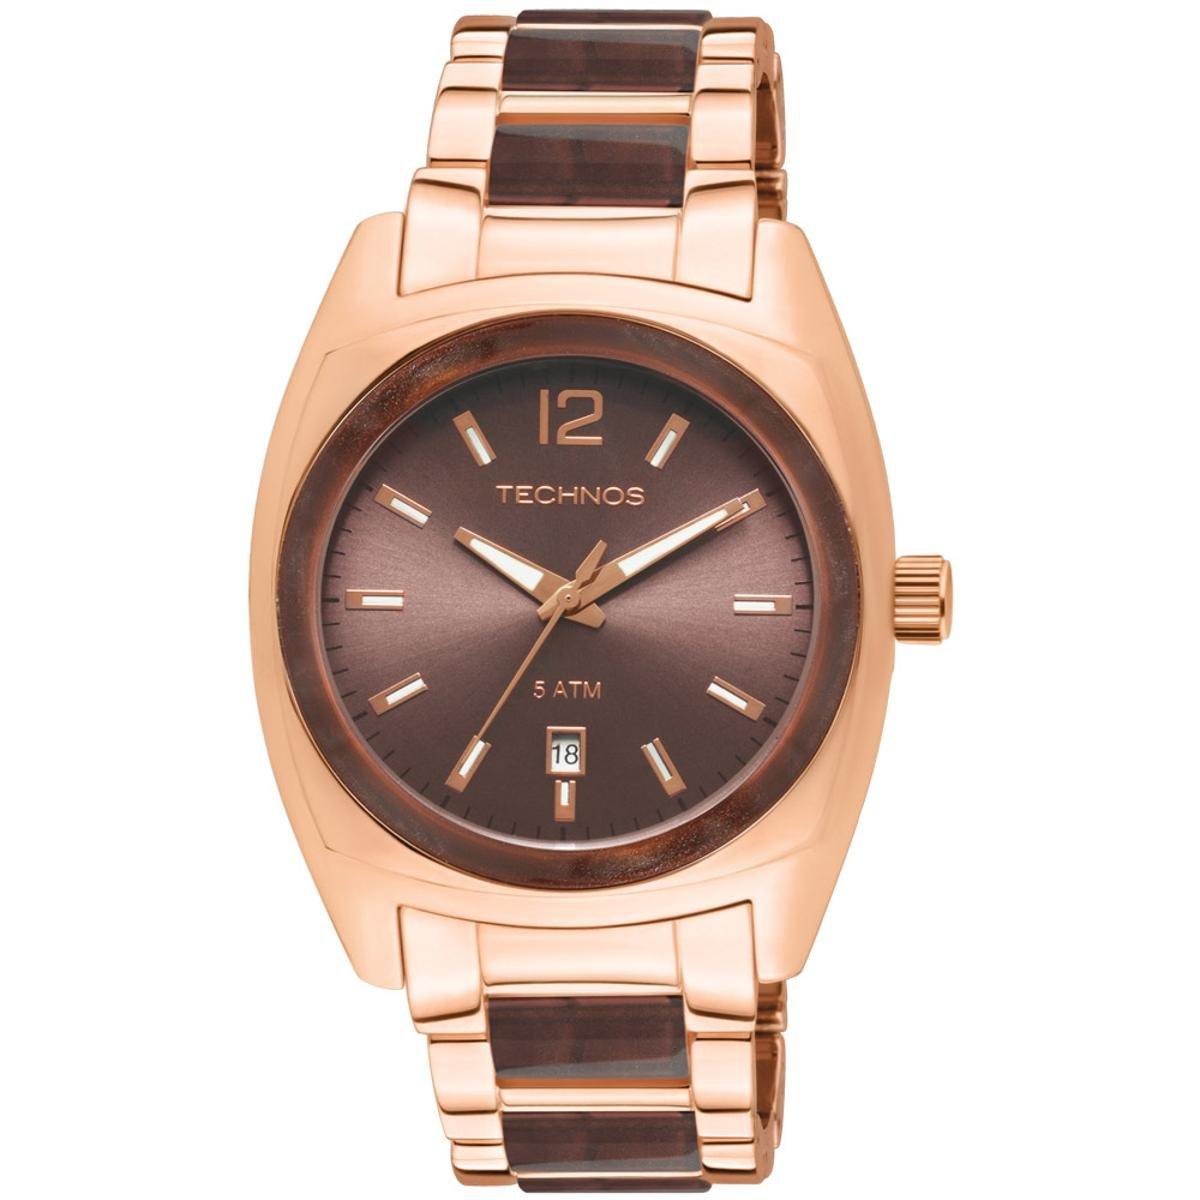 229c31b7248 Relógio Technos Feminino Rose Gold e Marrom - 2115UT 4M 2115UT 4M - Compre  Agora